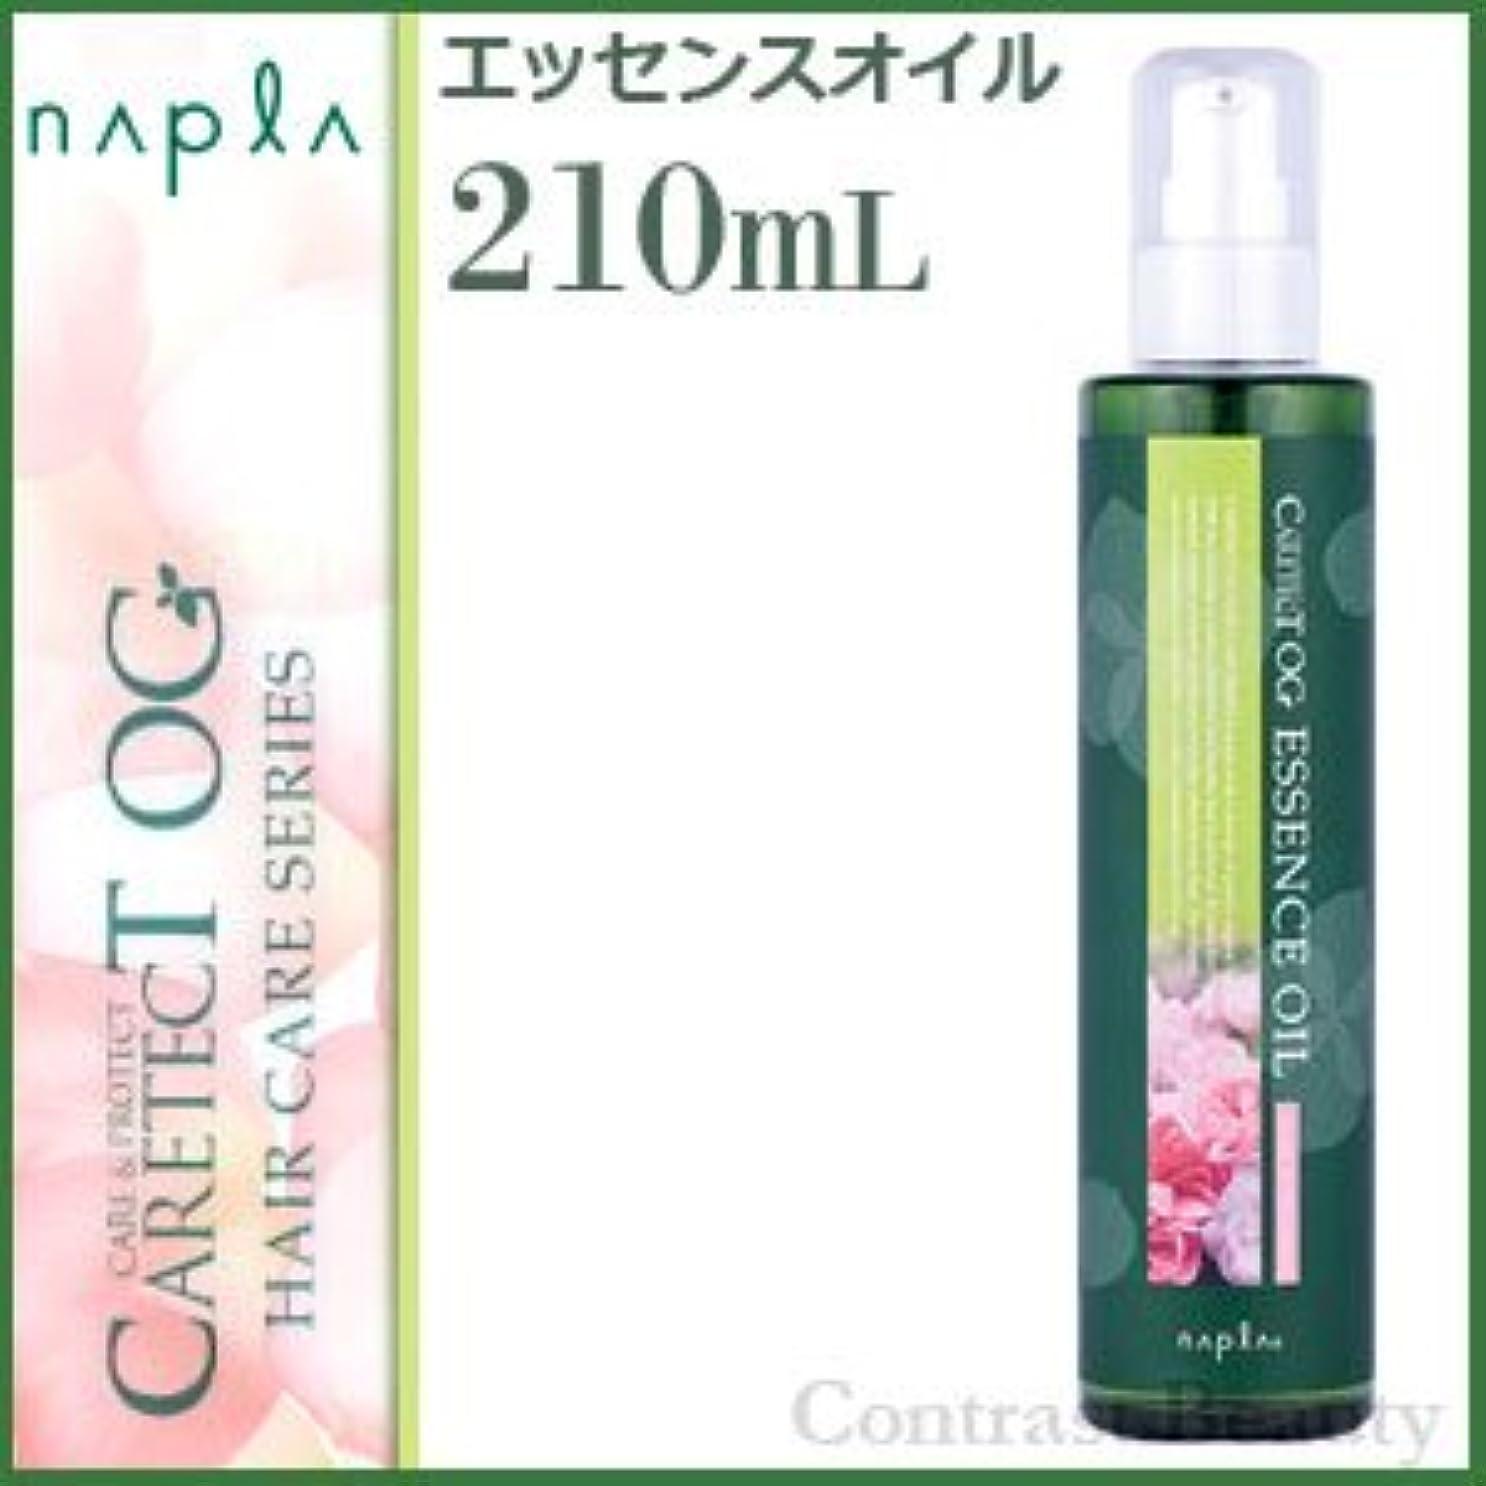 生心から限り【X2個セット】 ナプラ ケアテクトOG エッセンスオイル 210ml